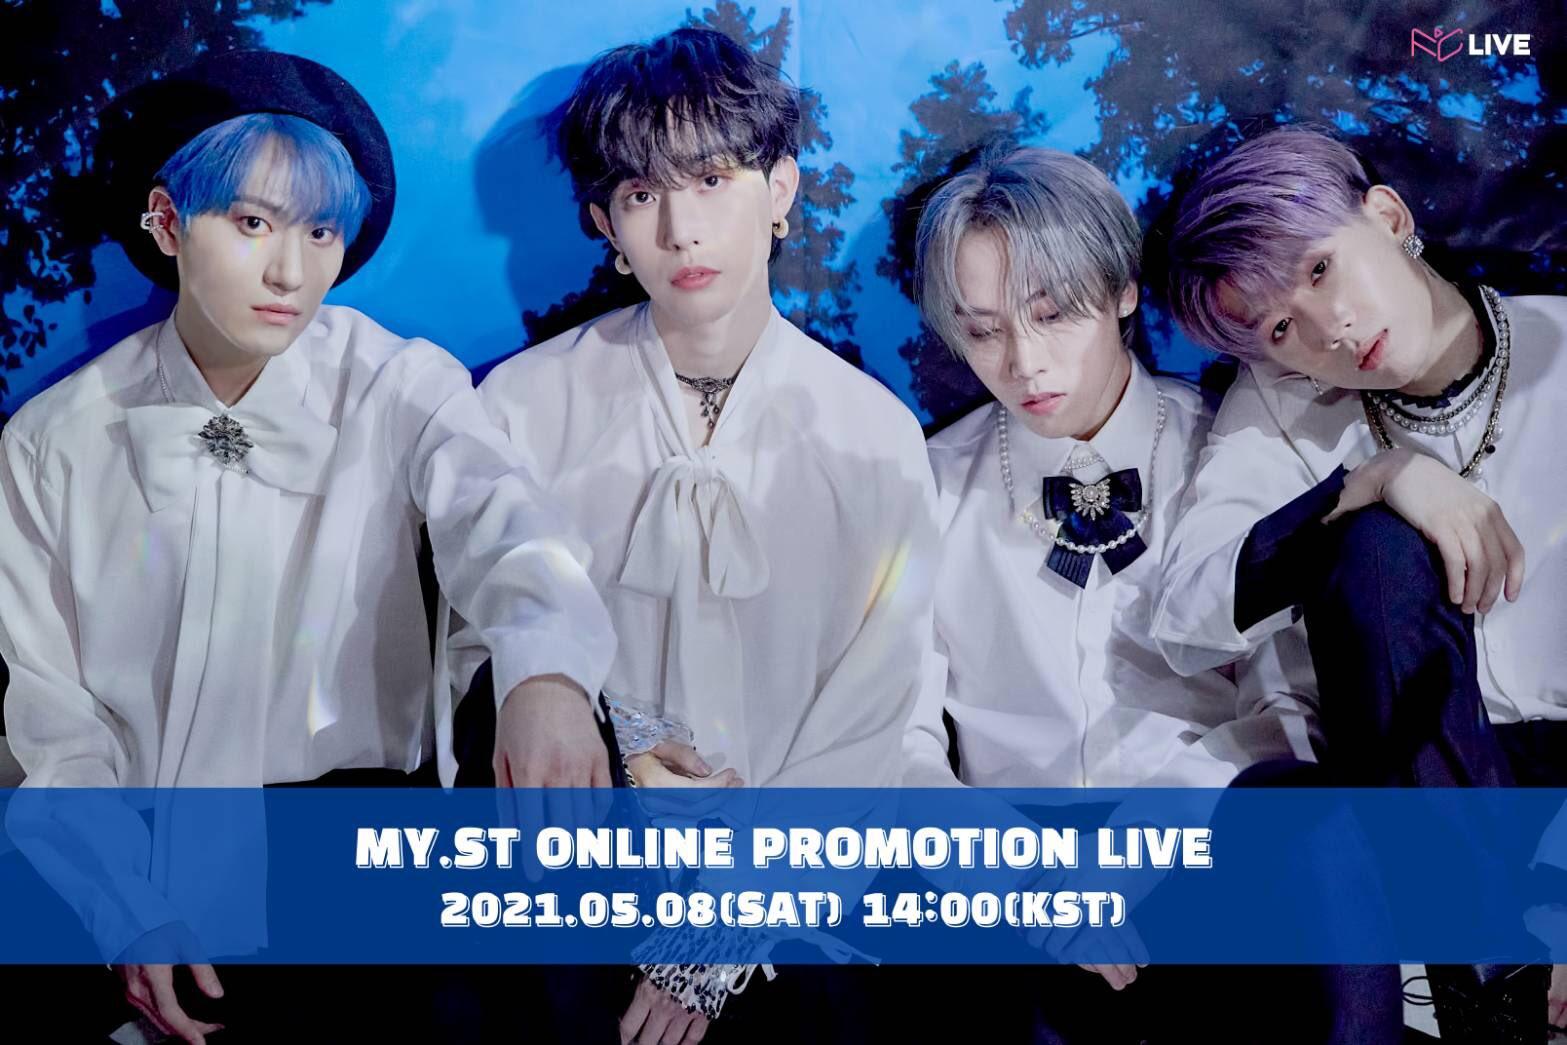 MY.ST PROMOTION LIVE